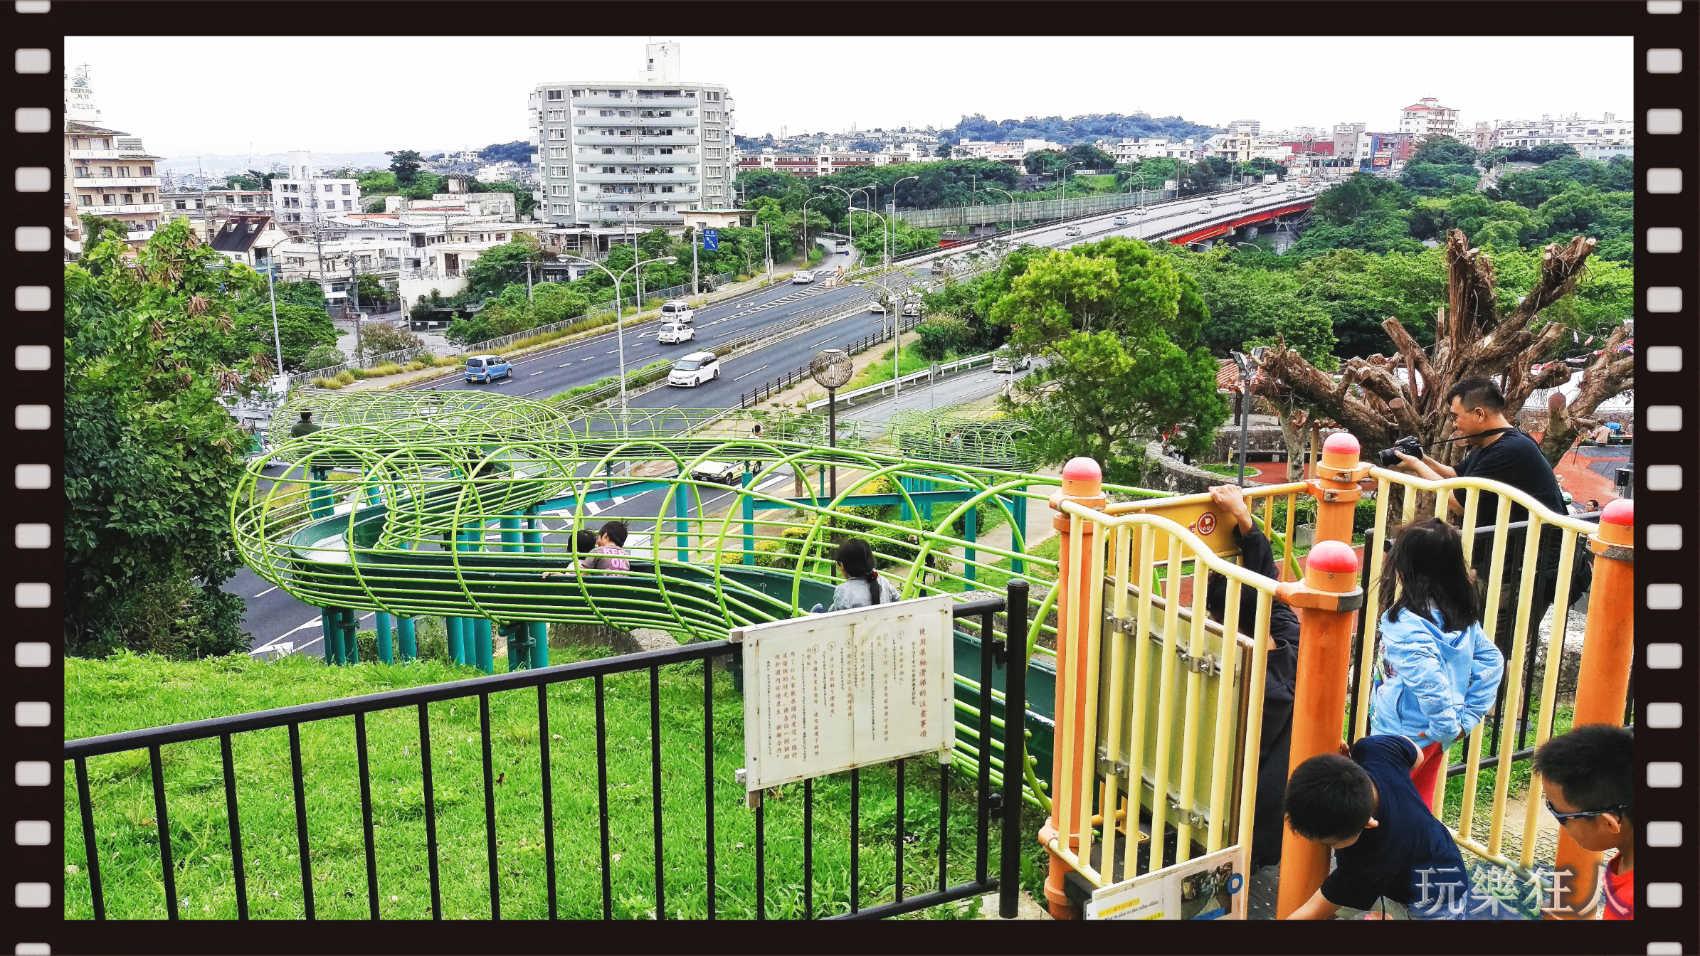 『浦添大公園』滾輪溜滑梯